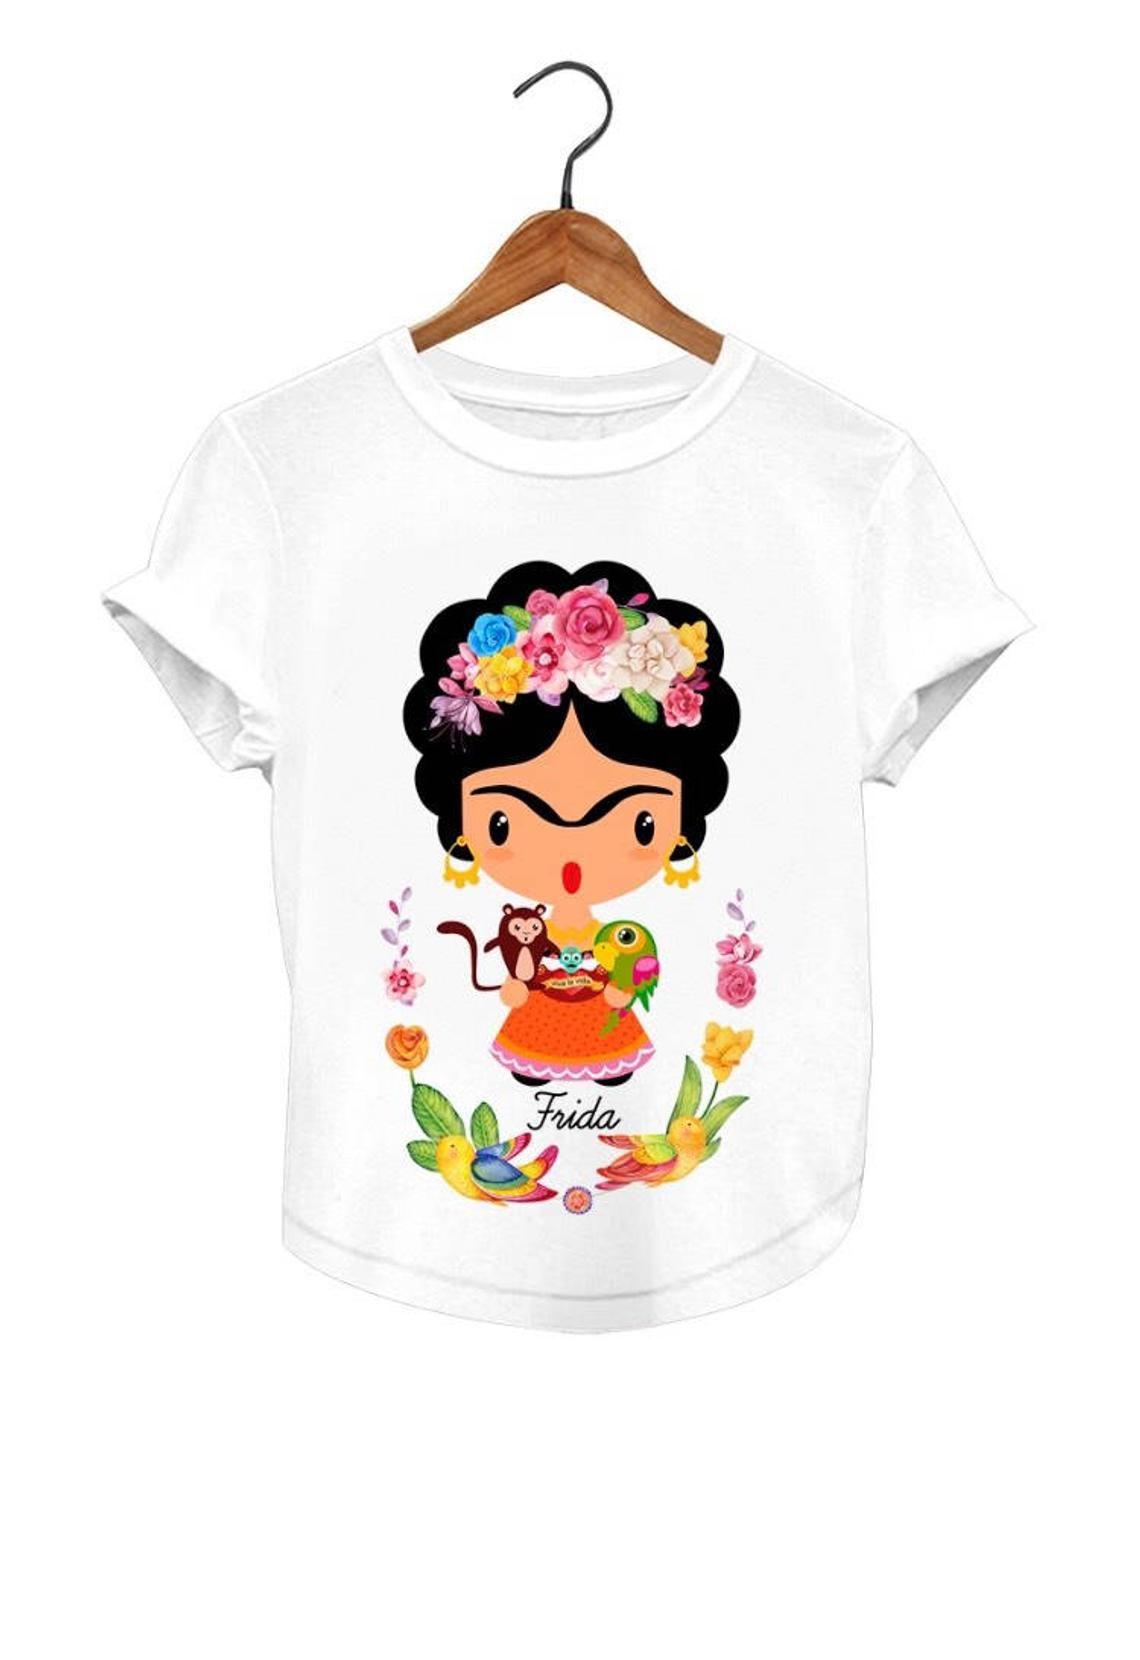 6a84da69b9581 Playera con diseños Cartoon blusa Mexicana Matching Mamá